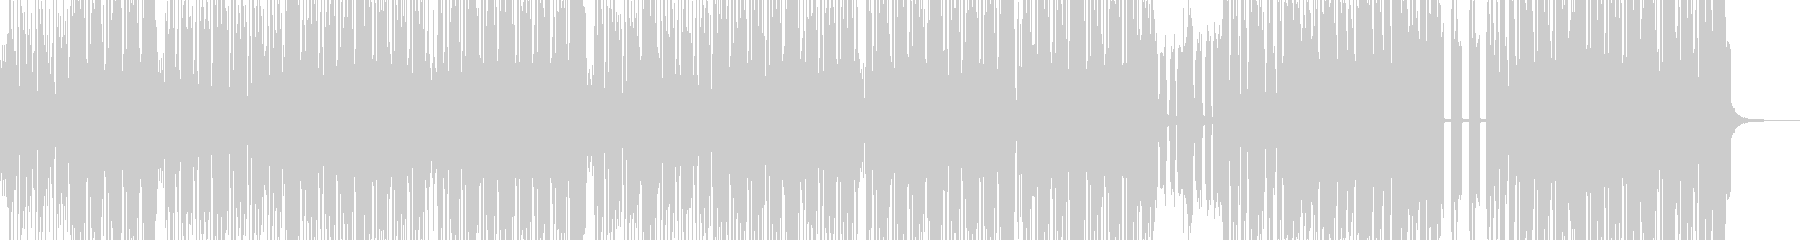 太いシンセのマッチョなヒップホップの未再生の波形